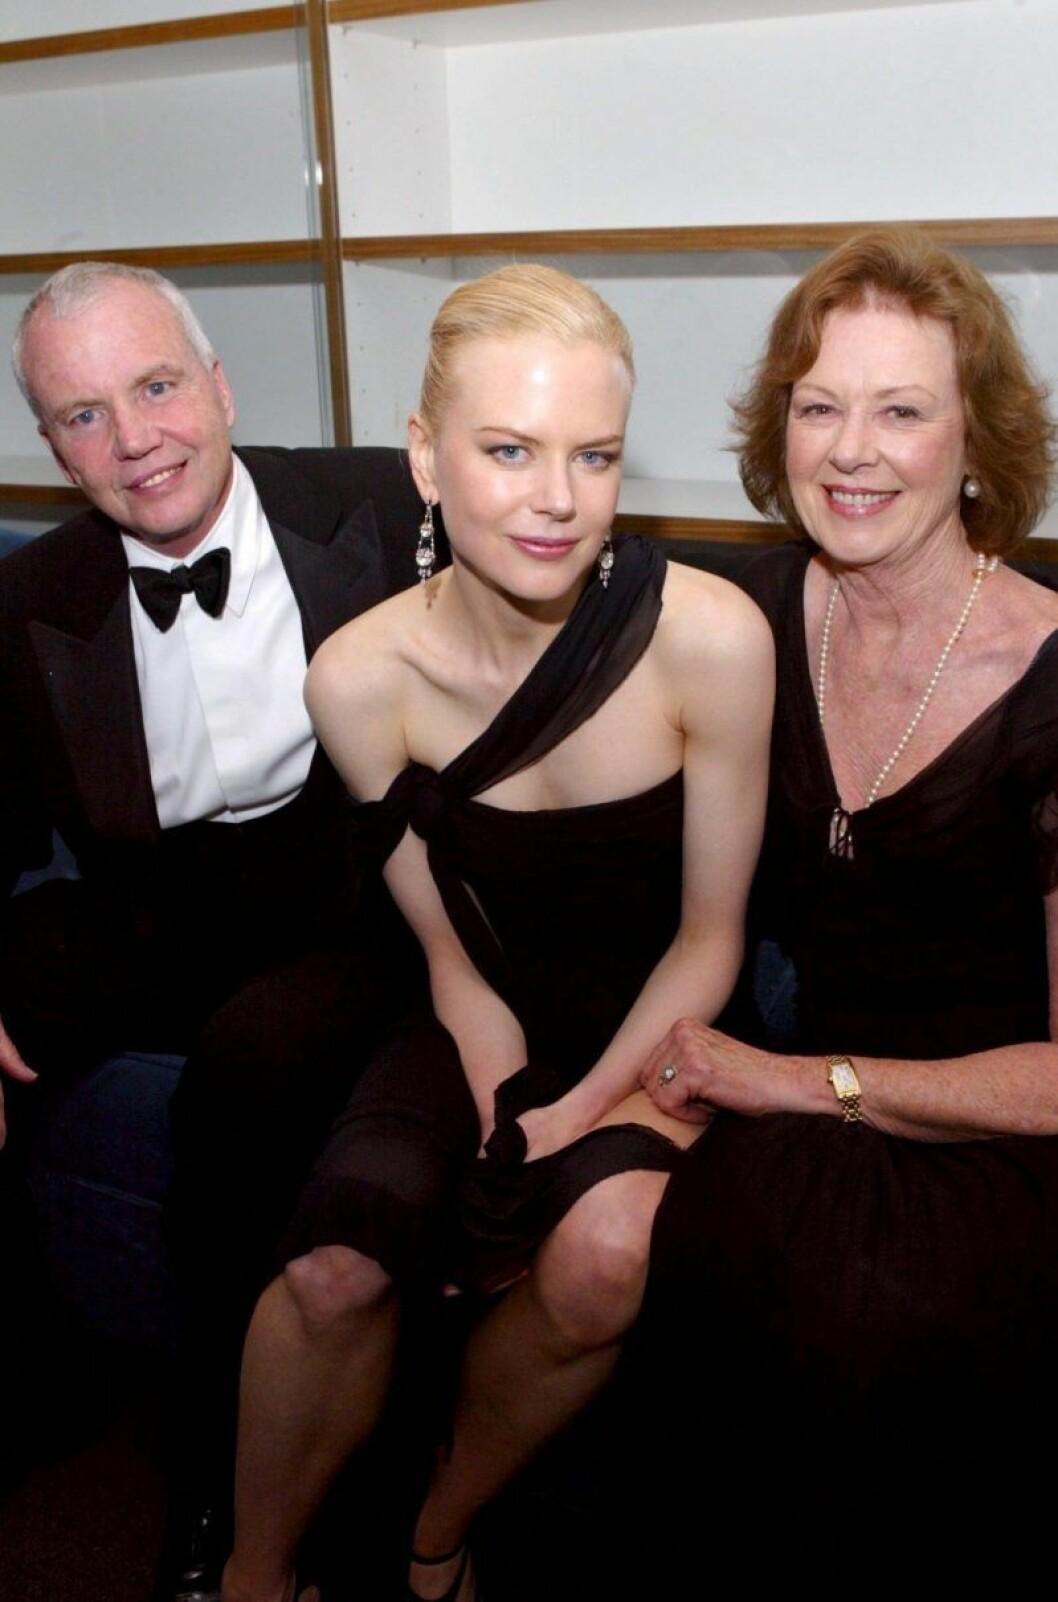 Nicole Kidman med pappa Anthony Kidman och mamma Janelle Kidman